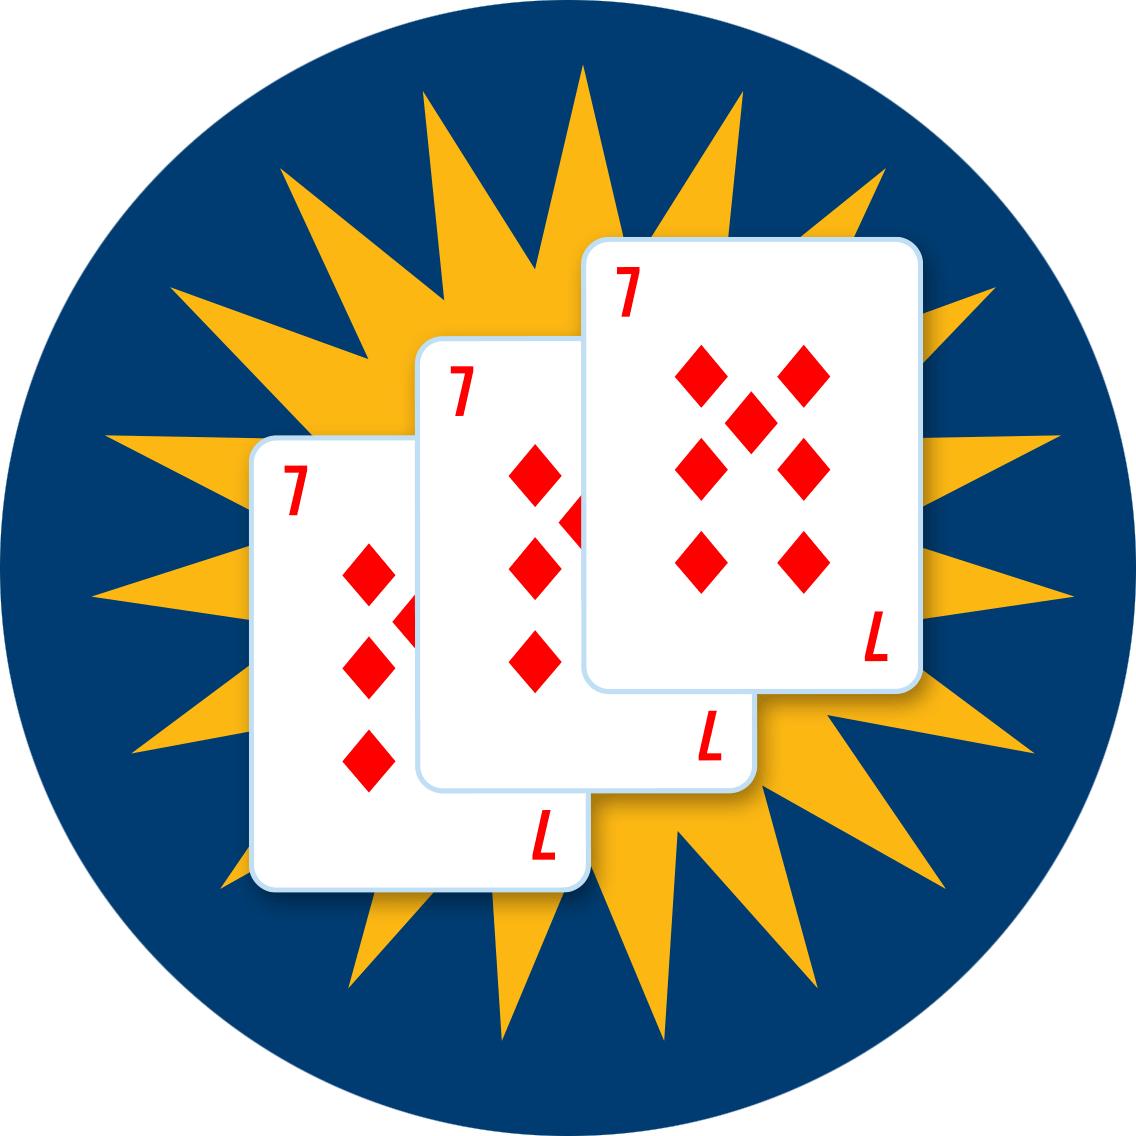 三張花色同為方塊的7牌,背後有一個星狀特別獎金標誌。